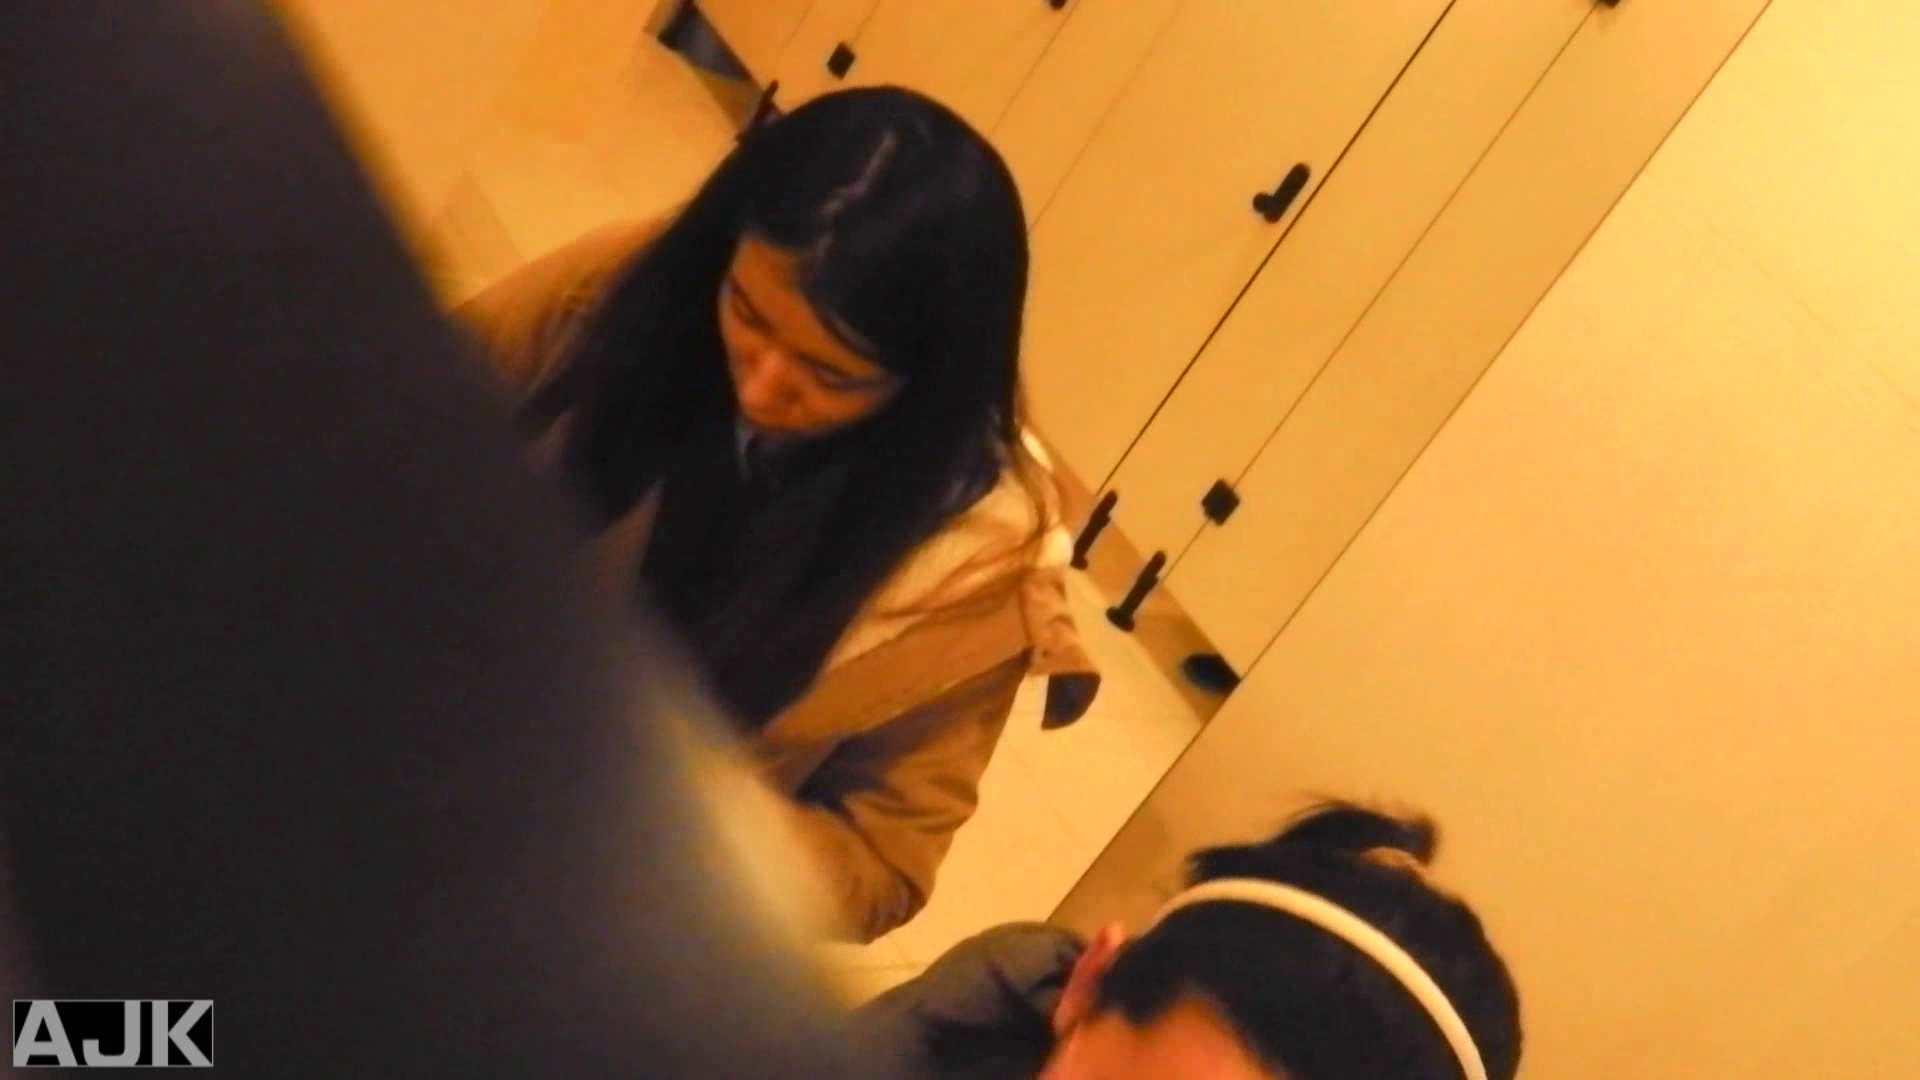 隣国上階級エリアの令嬢たちが集うデパートお手洗い Vol.11 便所で・・・ オメコ動画キャプチャ 28画像 8